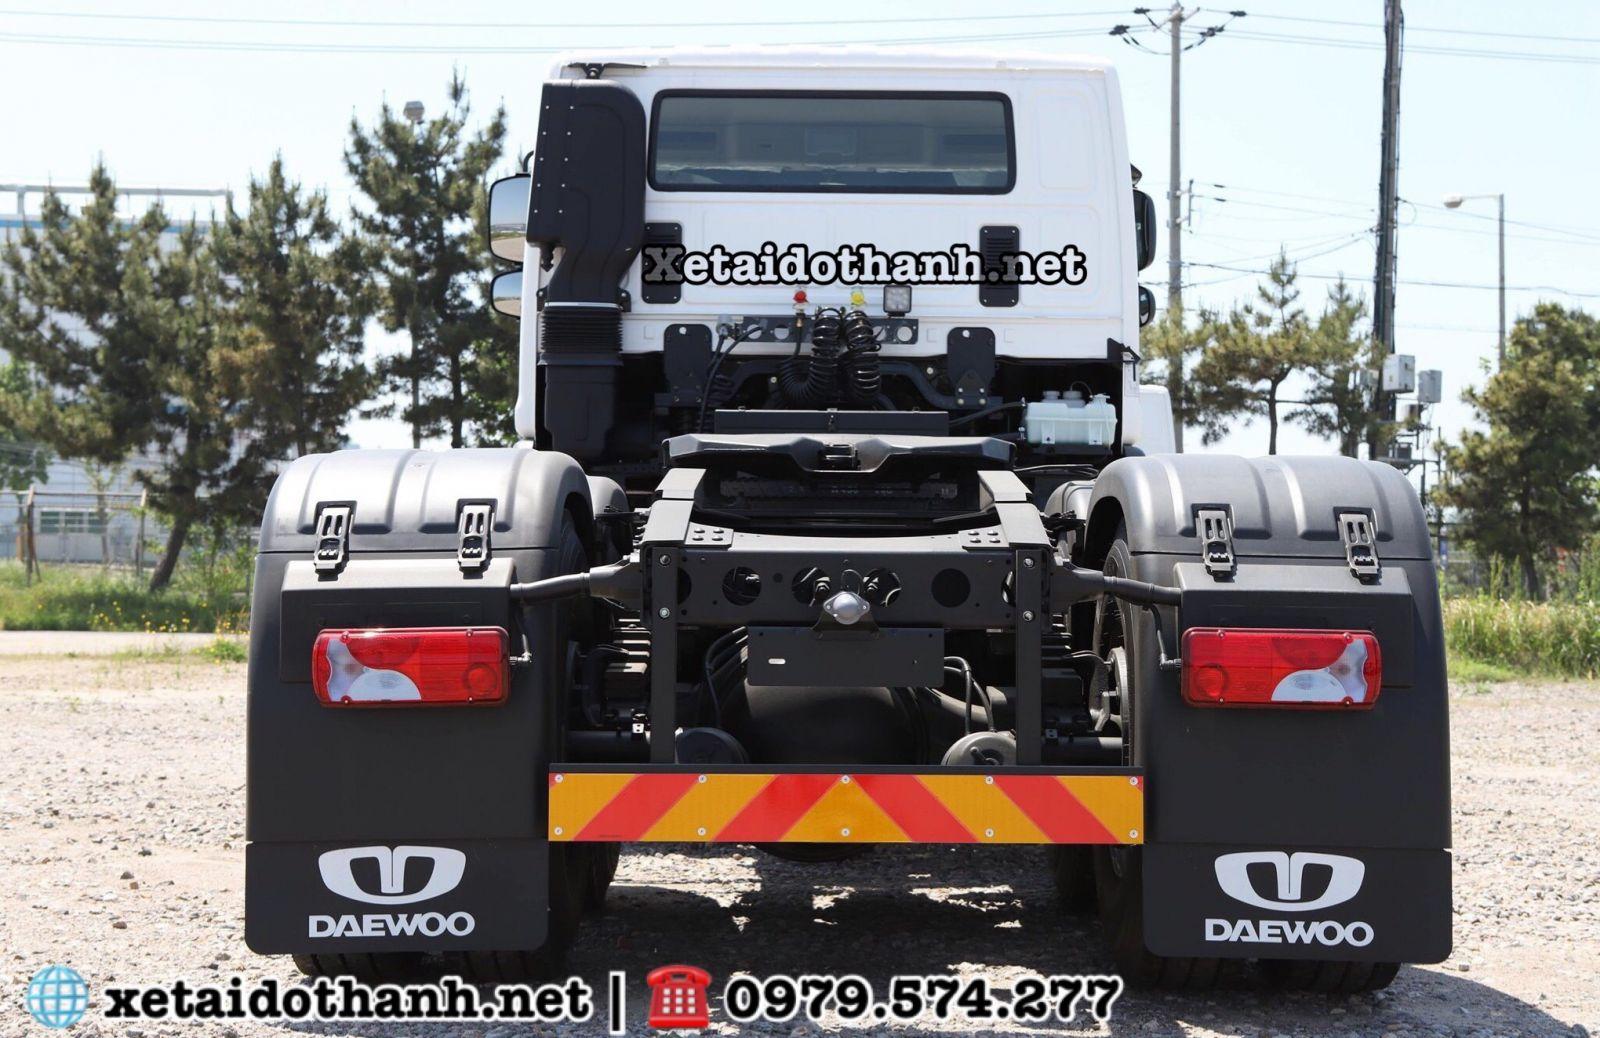 chassi xe đầu kéo daewoo 20199